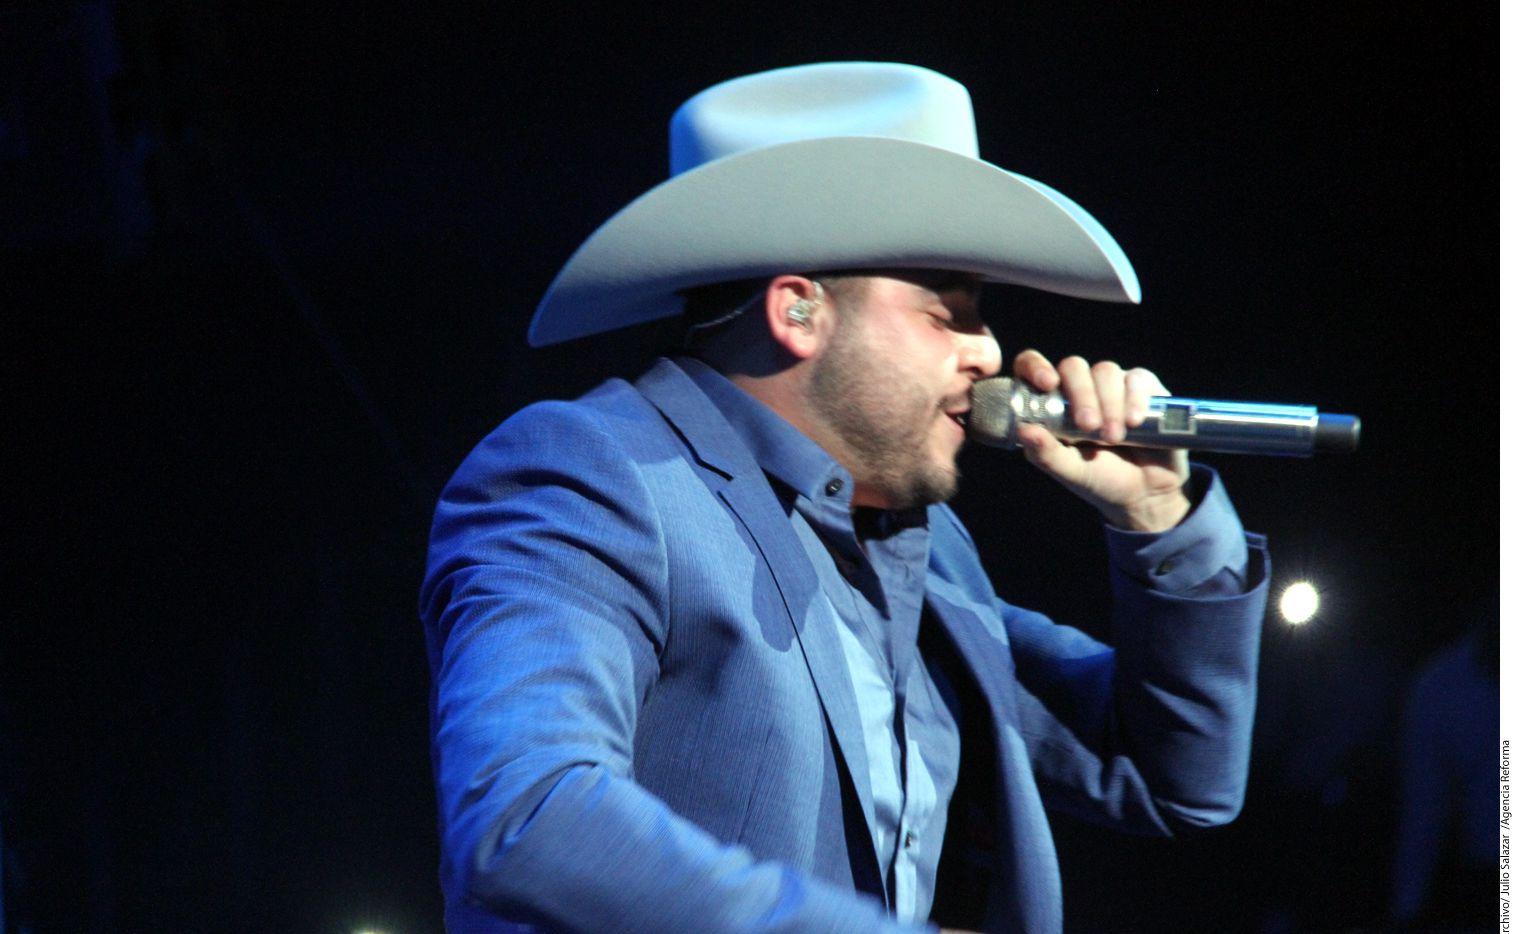 Luego de que Gerardo Ortiz le dedicara un narcocorrido a un capo del crimen organizado, el cantante ya no será bienvenido en Jalisco./ AGENCIA REFORMA